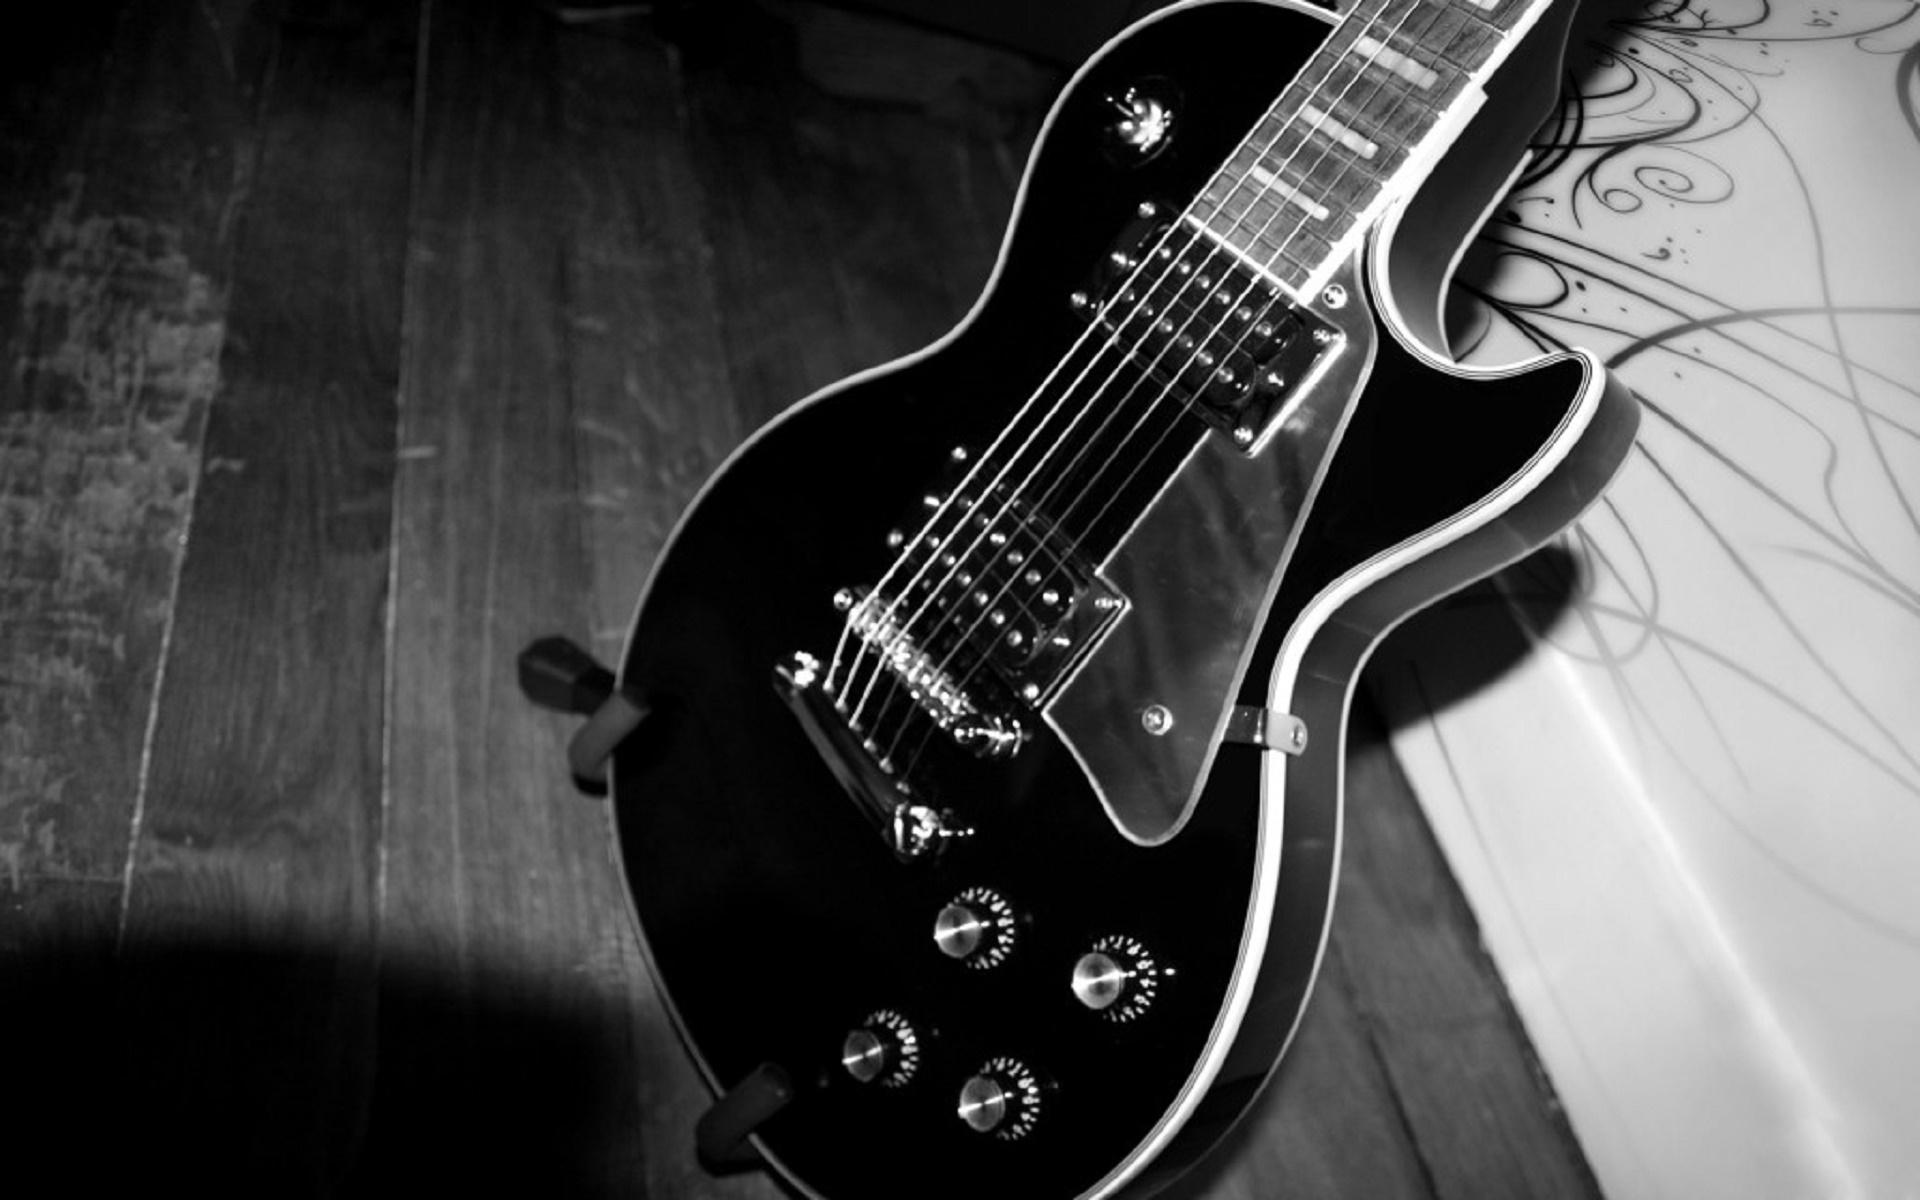 guitar wallpaper hd pixelstalk